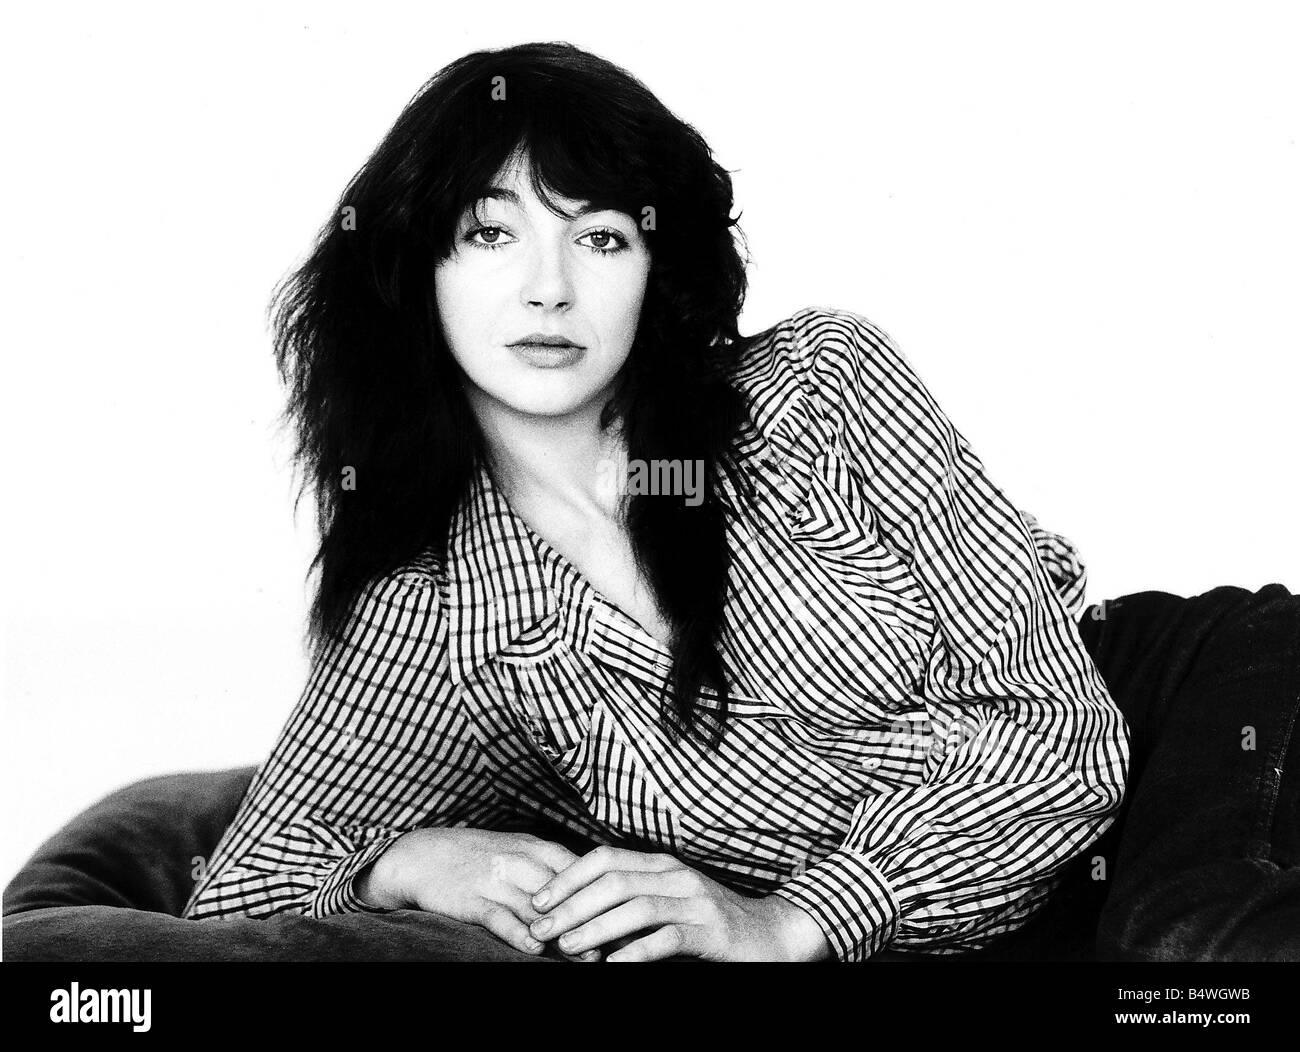 Singer Kate Bush in the studio October 1983 - Stock Image